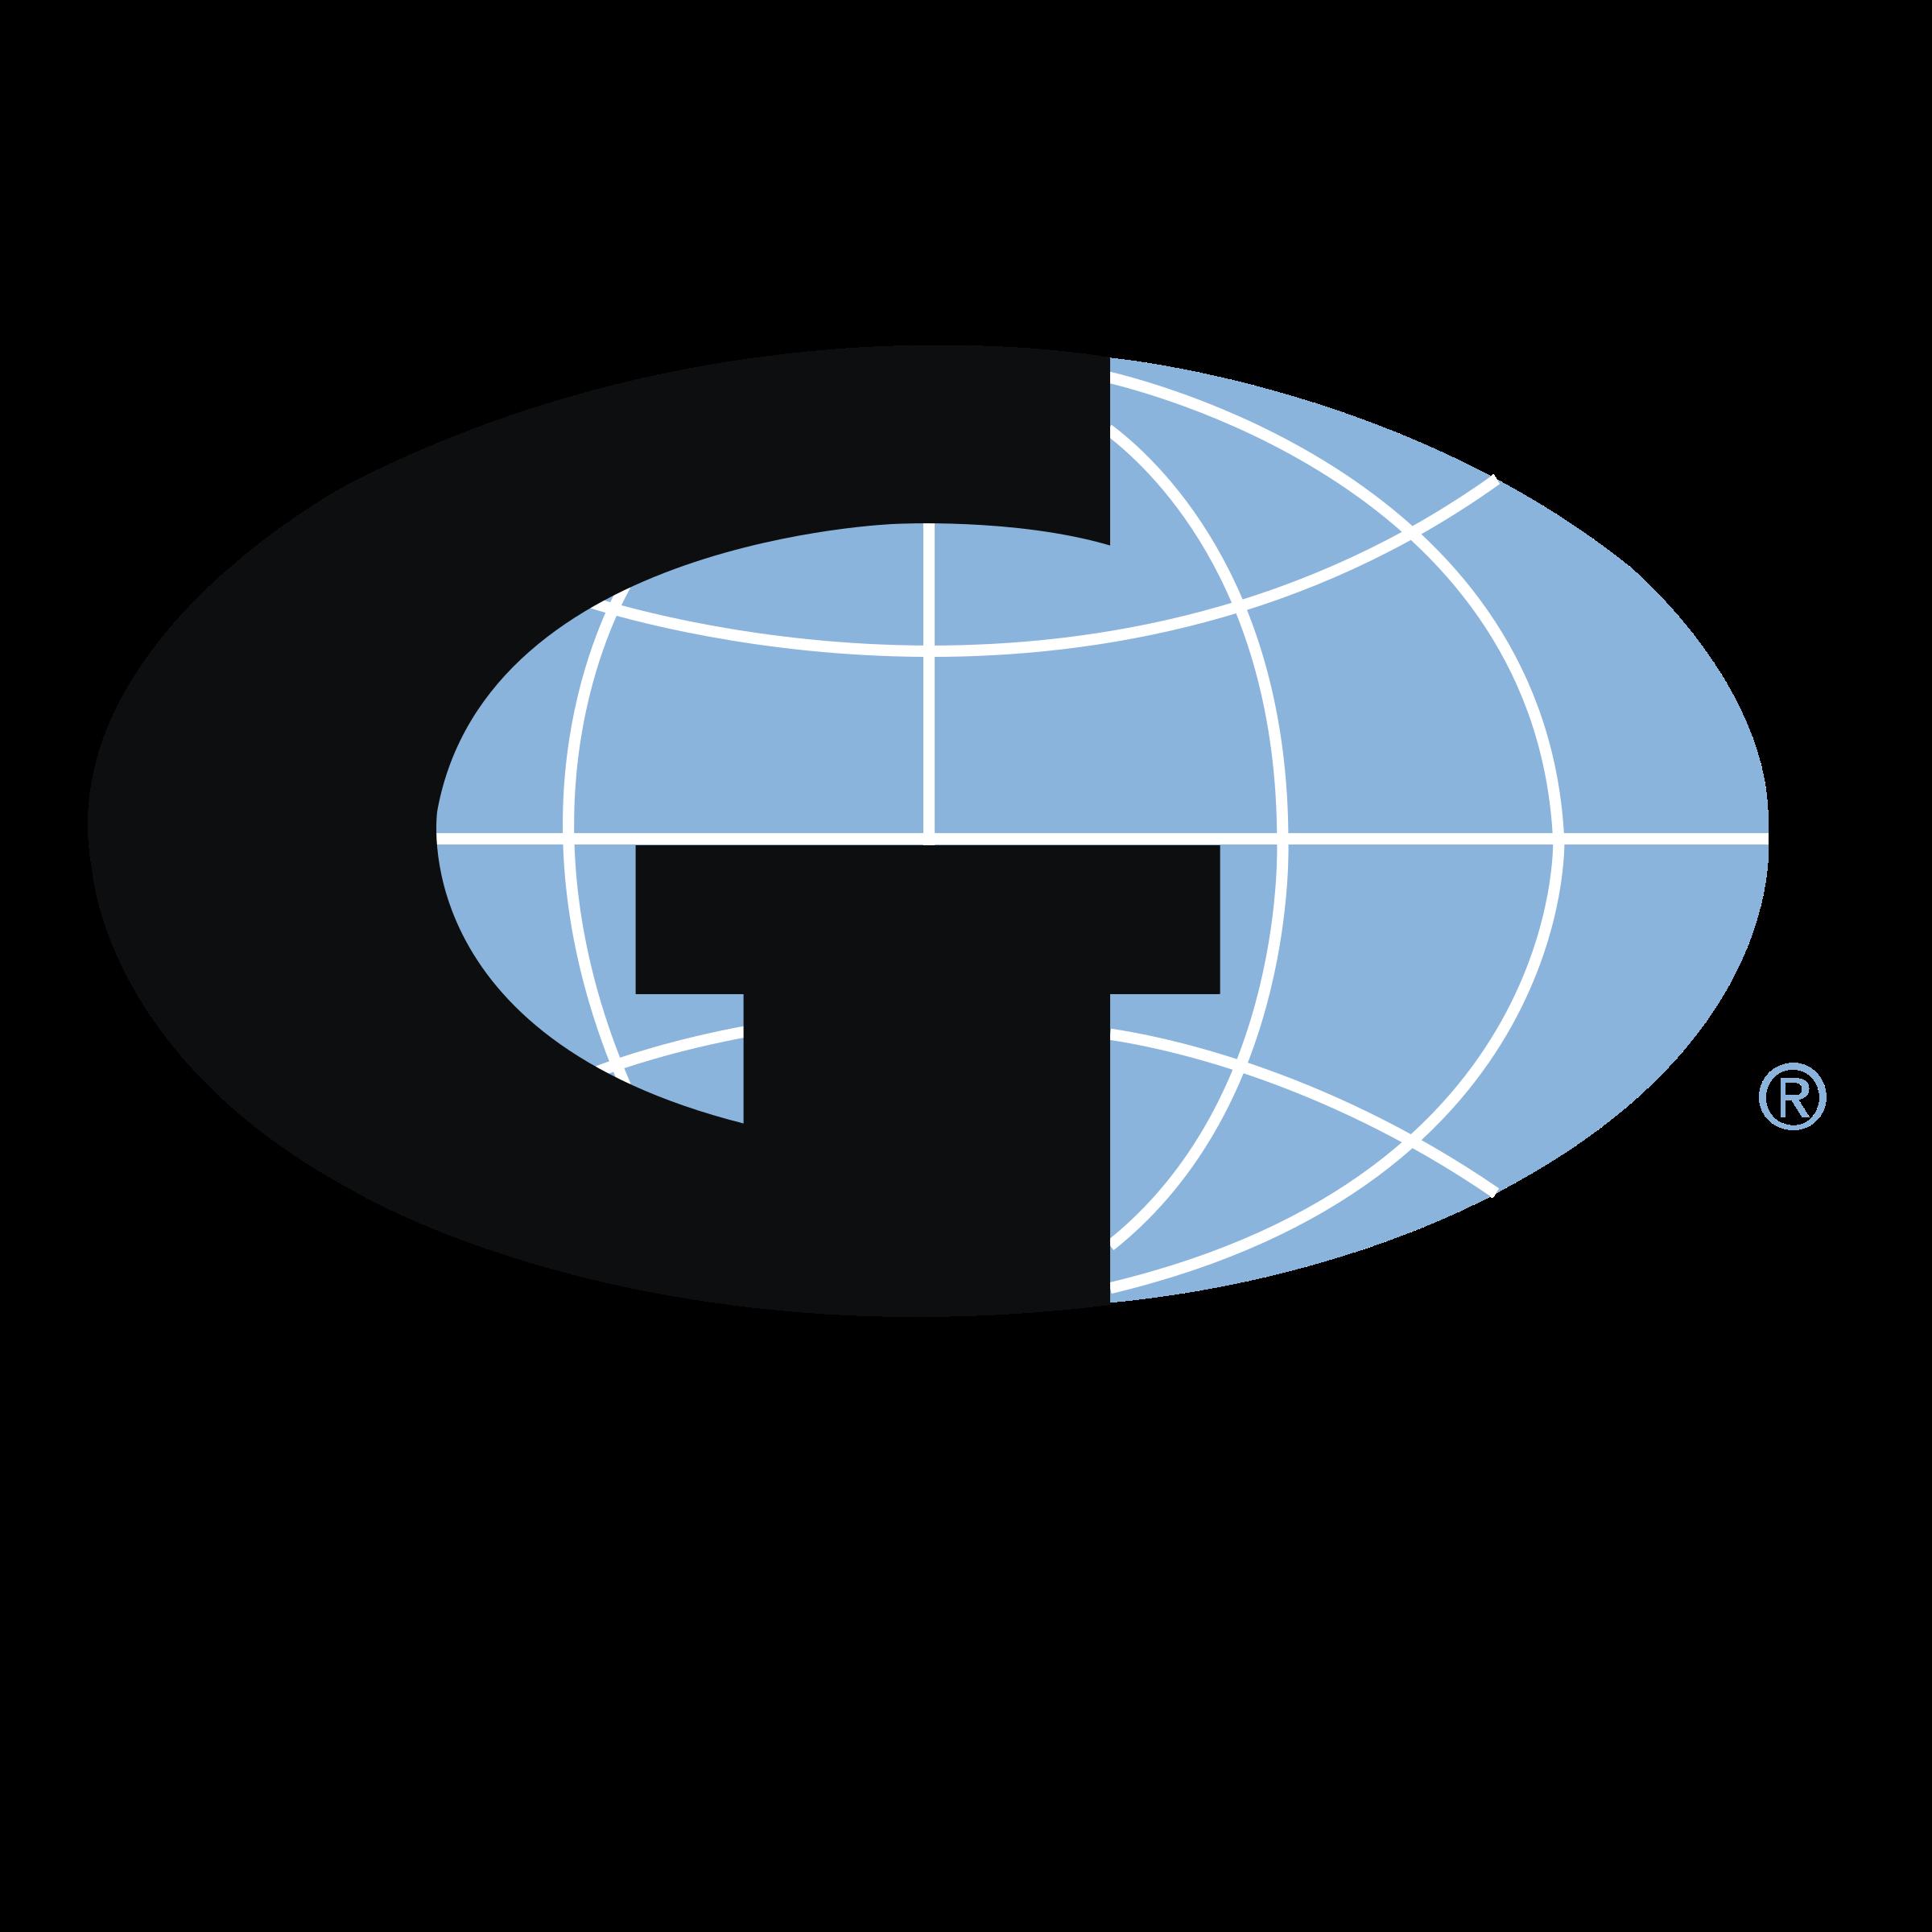 gallagher-1-logo-png-transparent